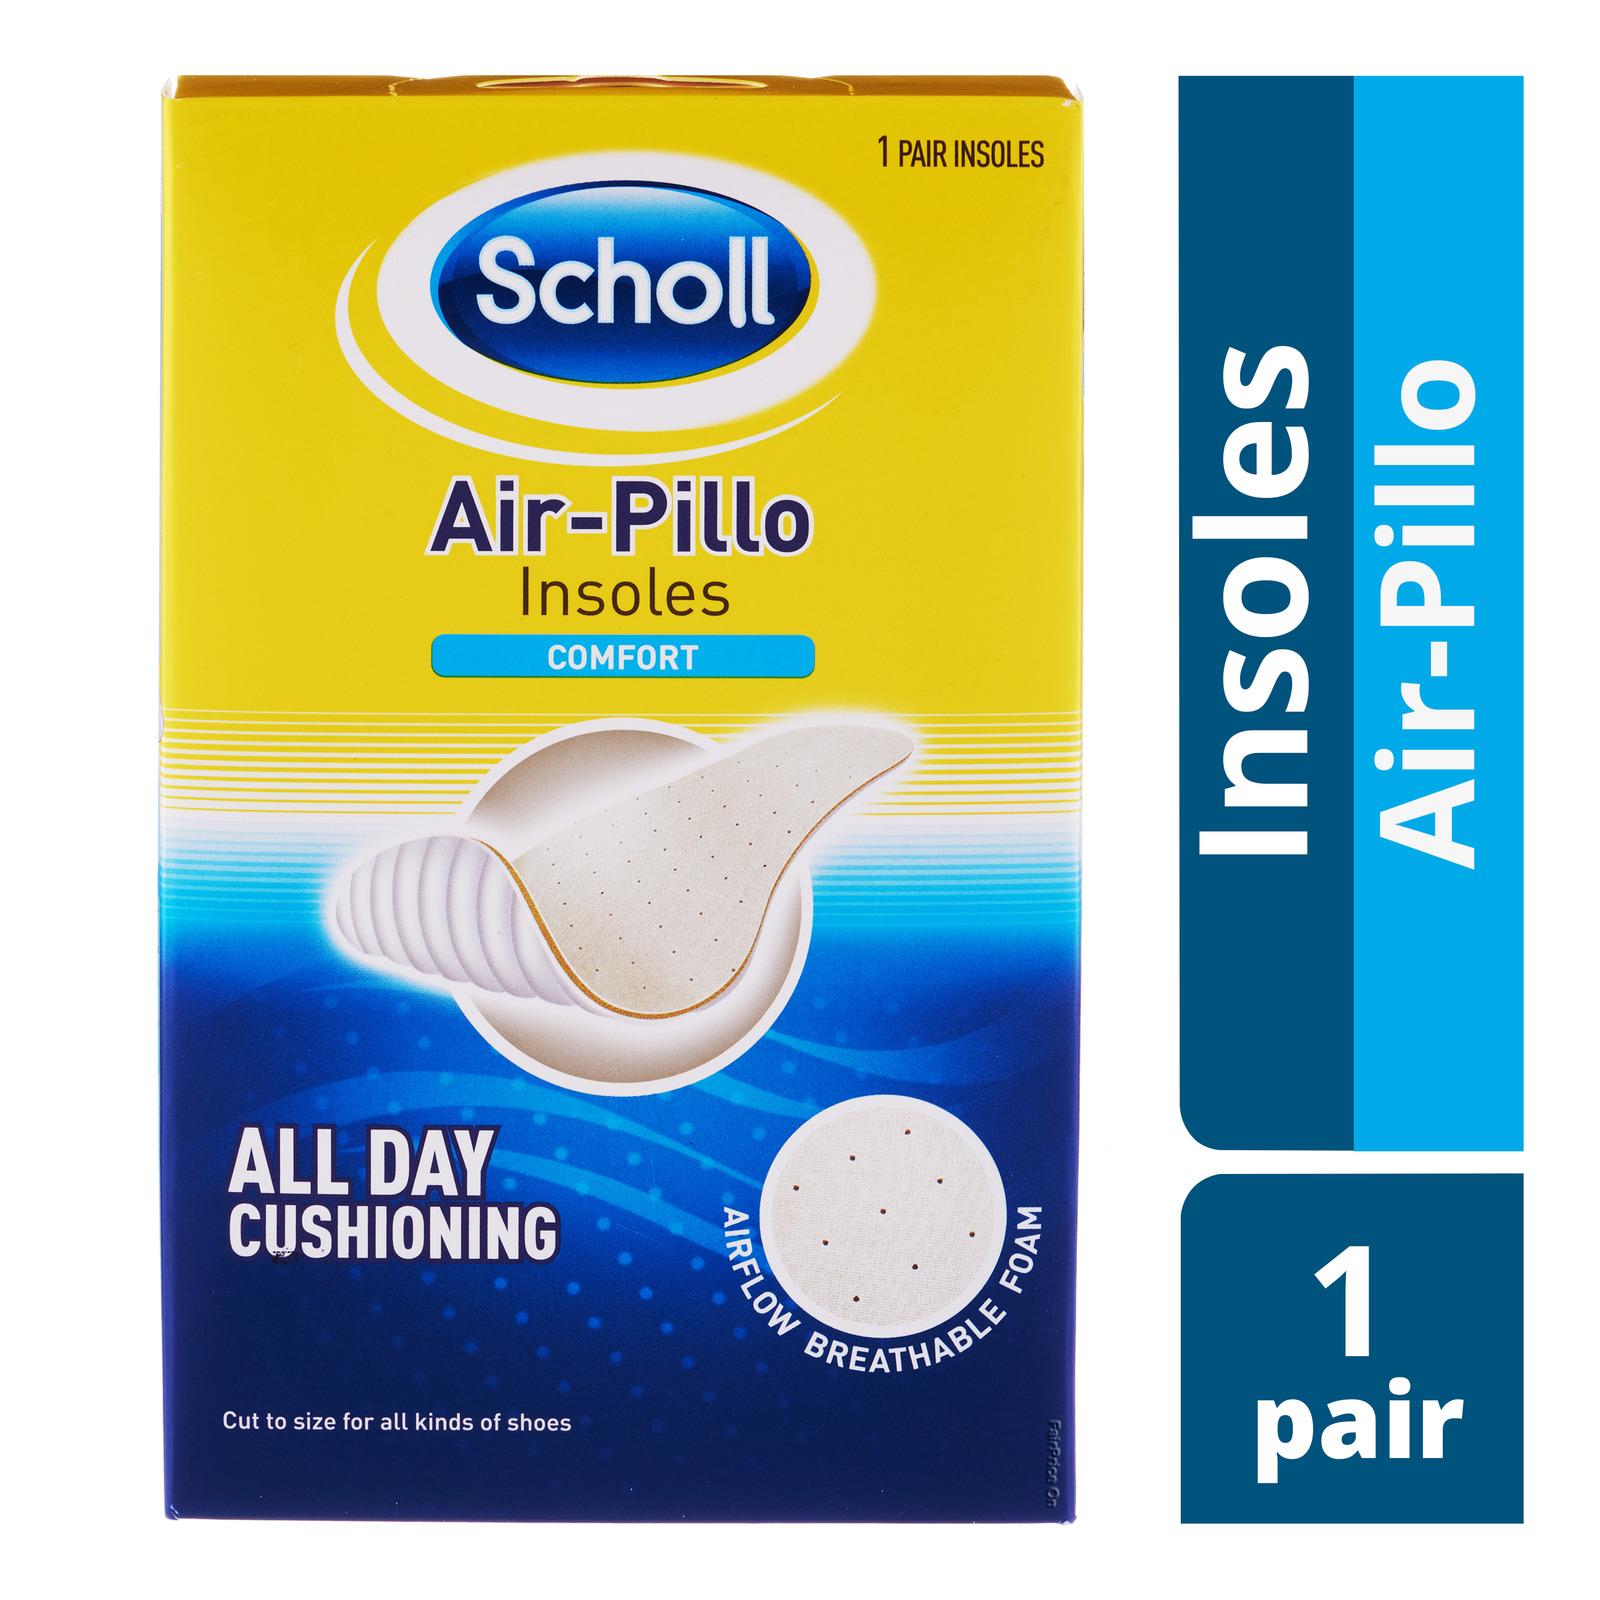 SCHOLL Air Pillo Insoles 1 Pair